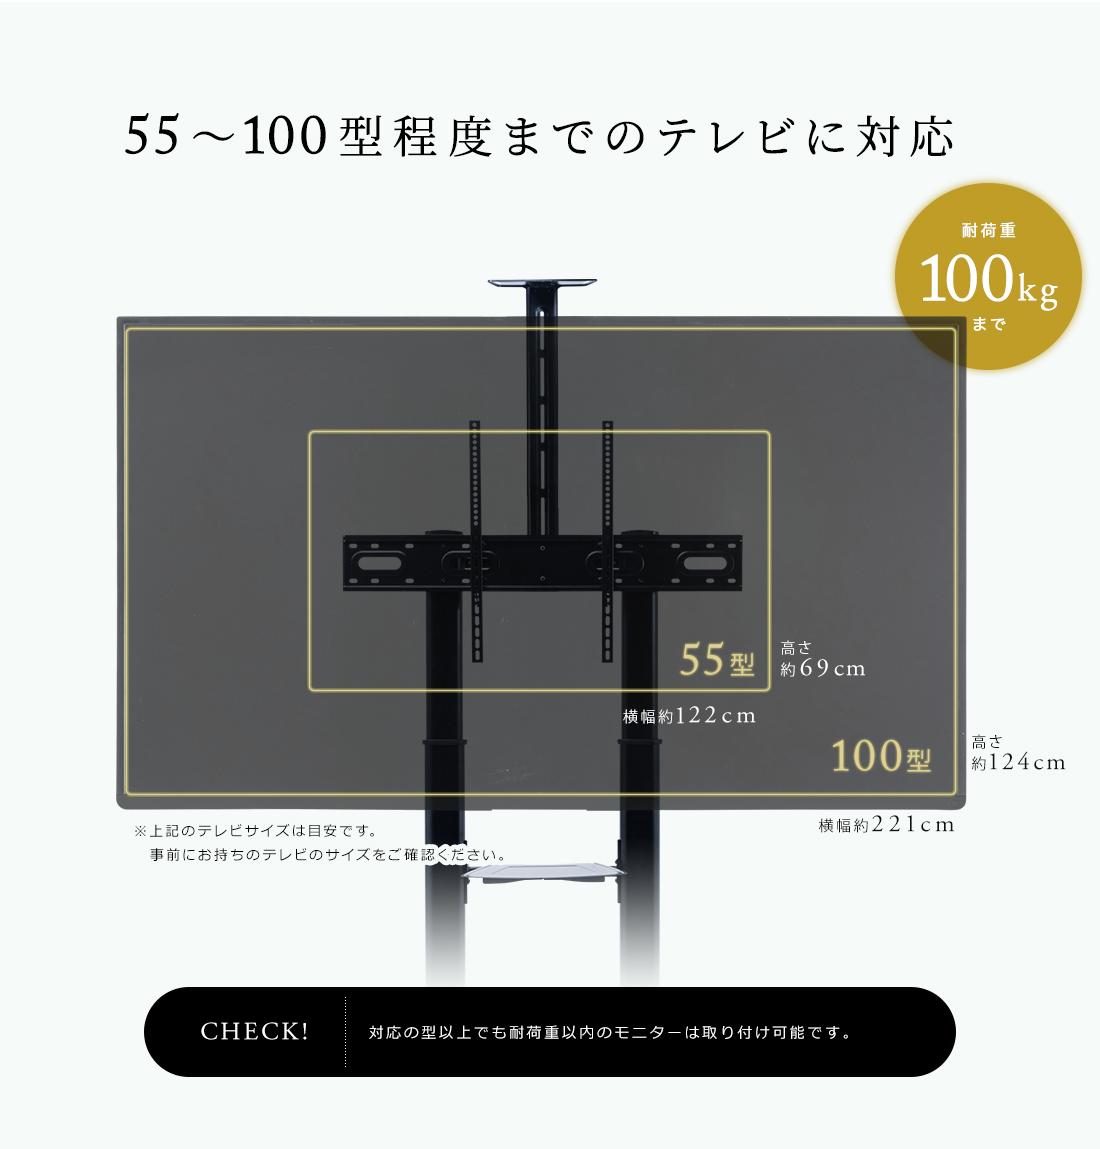 テレビの角度調整が可能 テレビ会議用カメラの棚付き